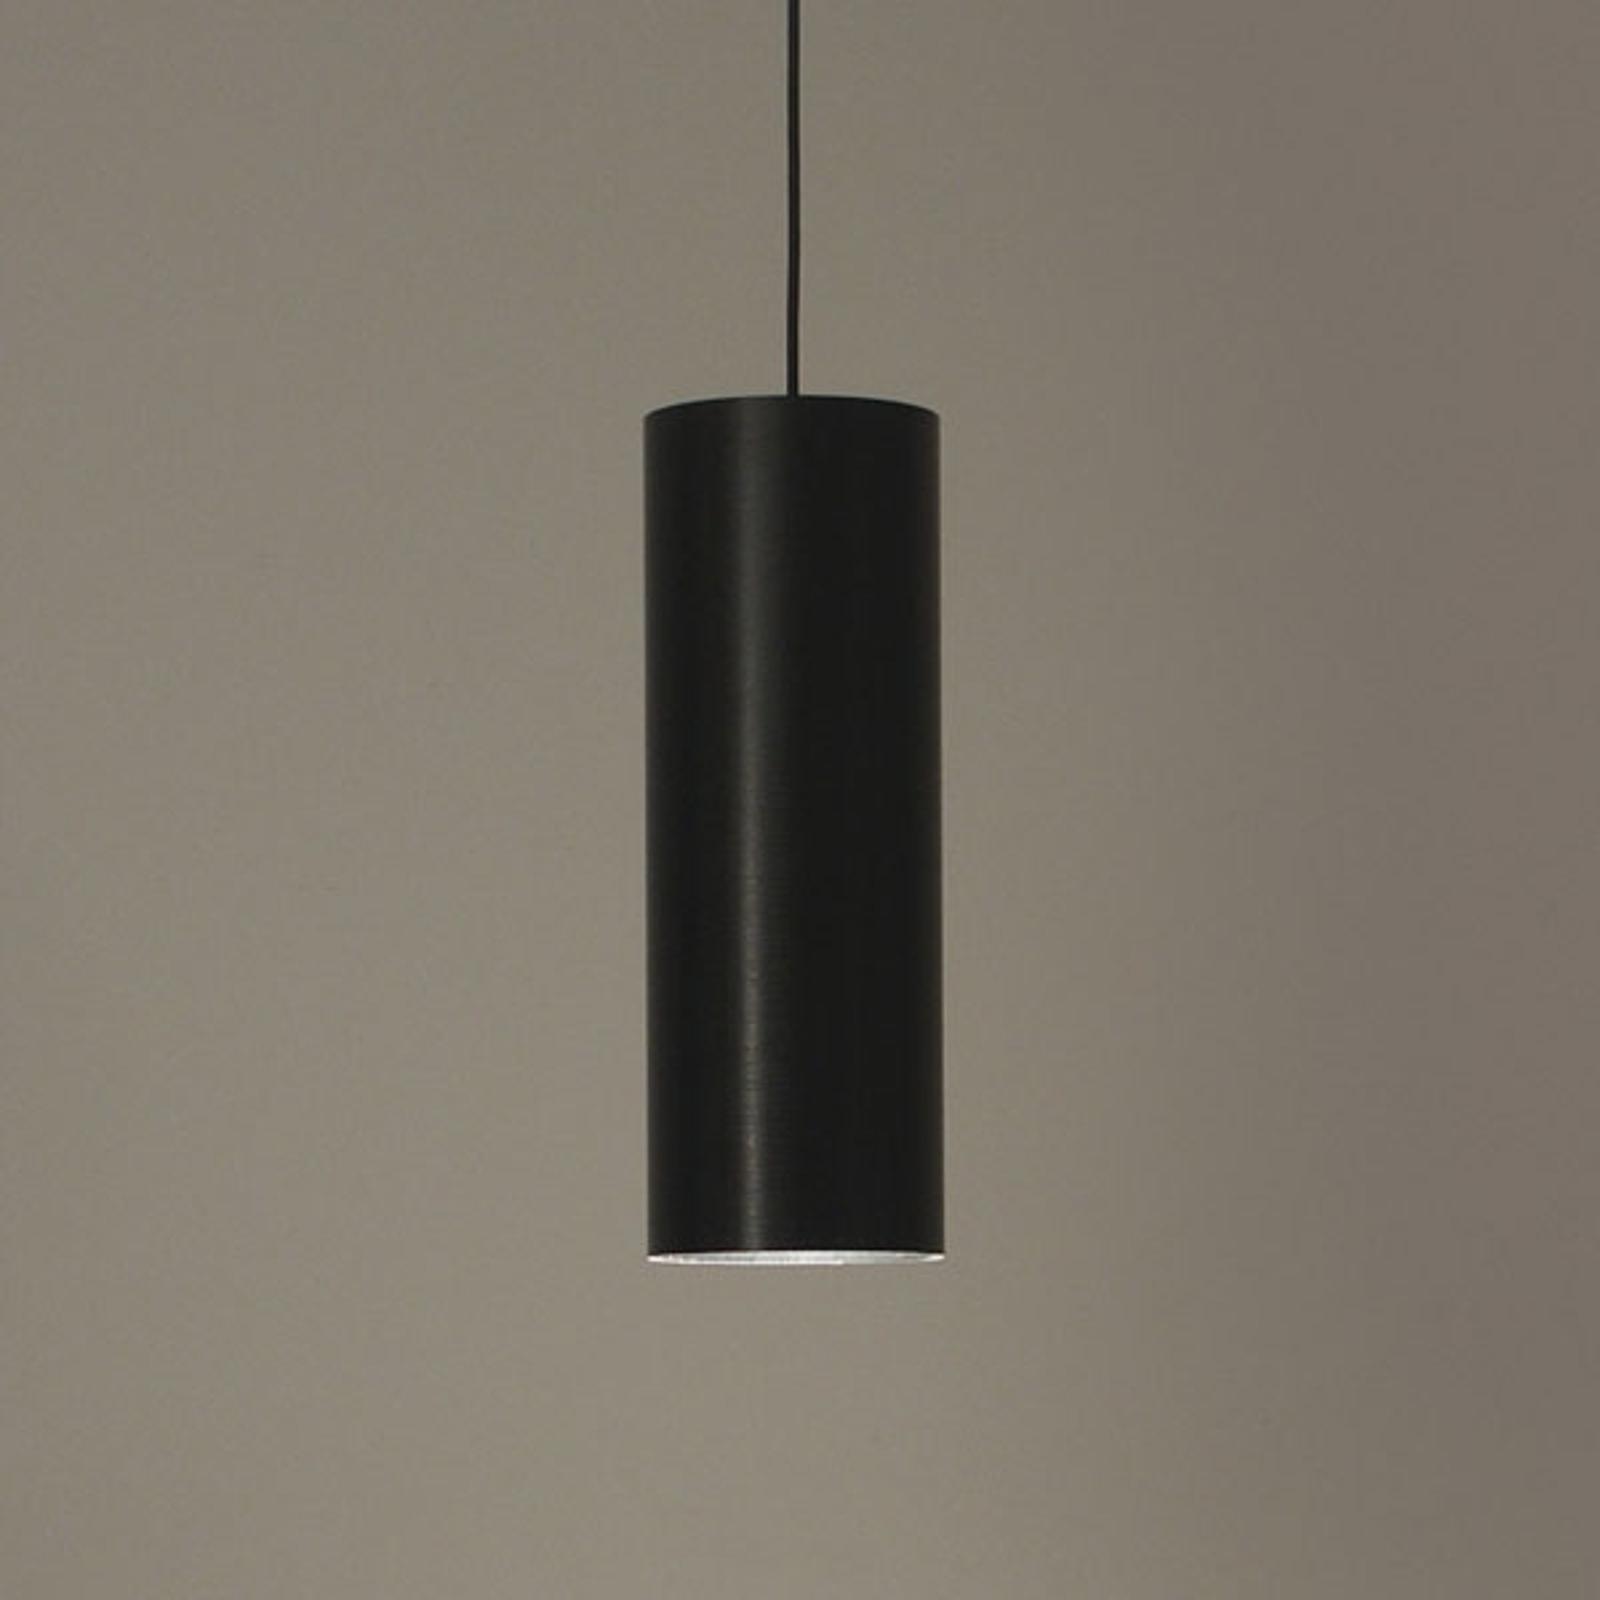 Produktové foto Karboxx Designové závěsné světlo Tube 40